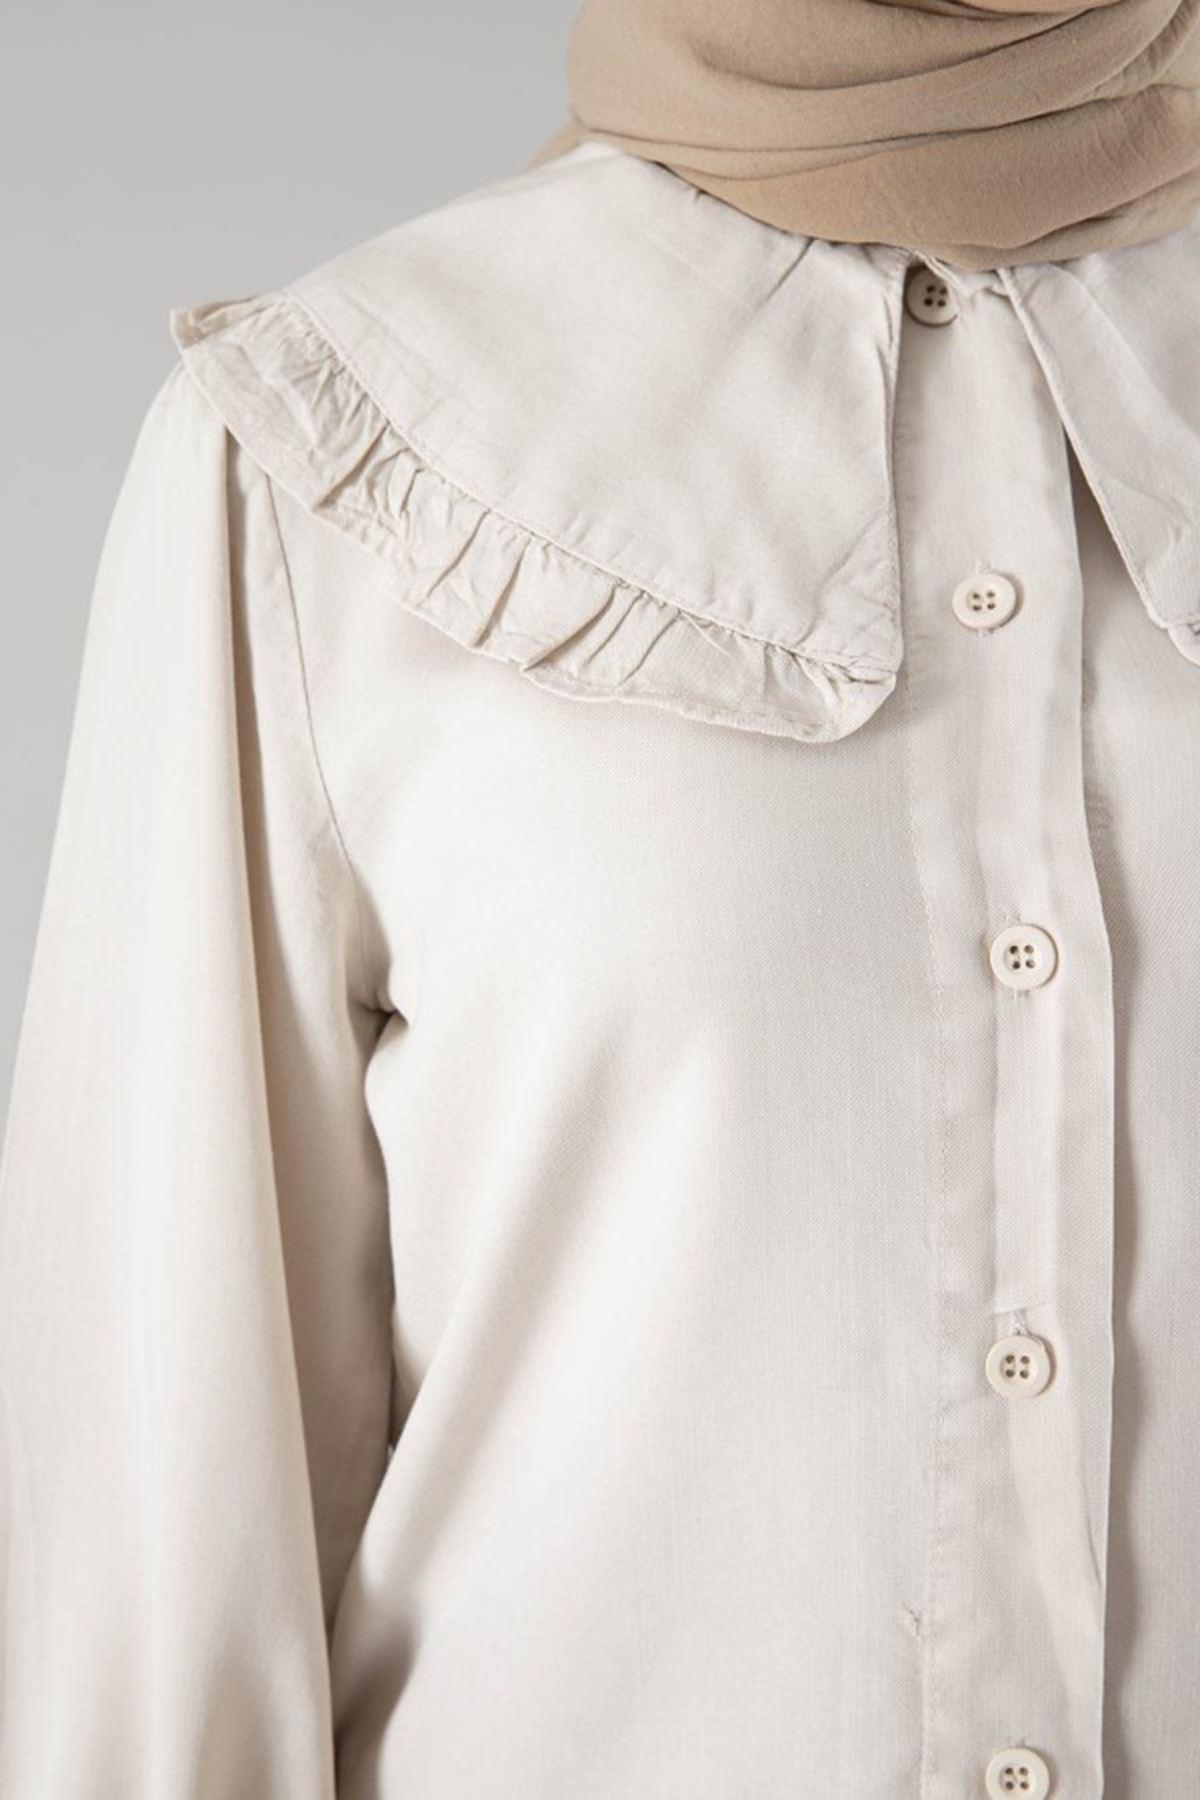 Kadın Bebe Yaka Kol Büzgülü Tensel Bluz - Bej